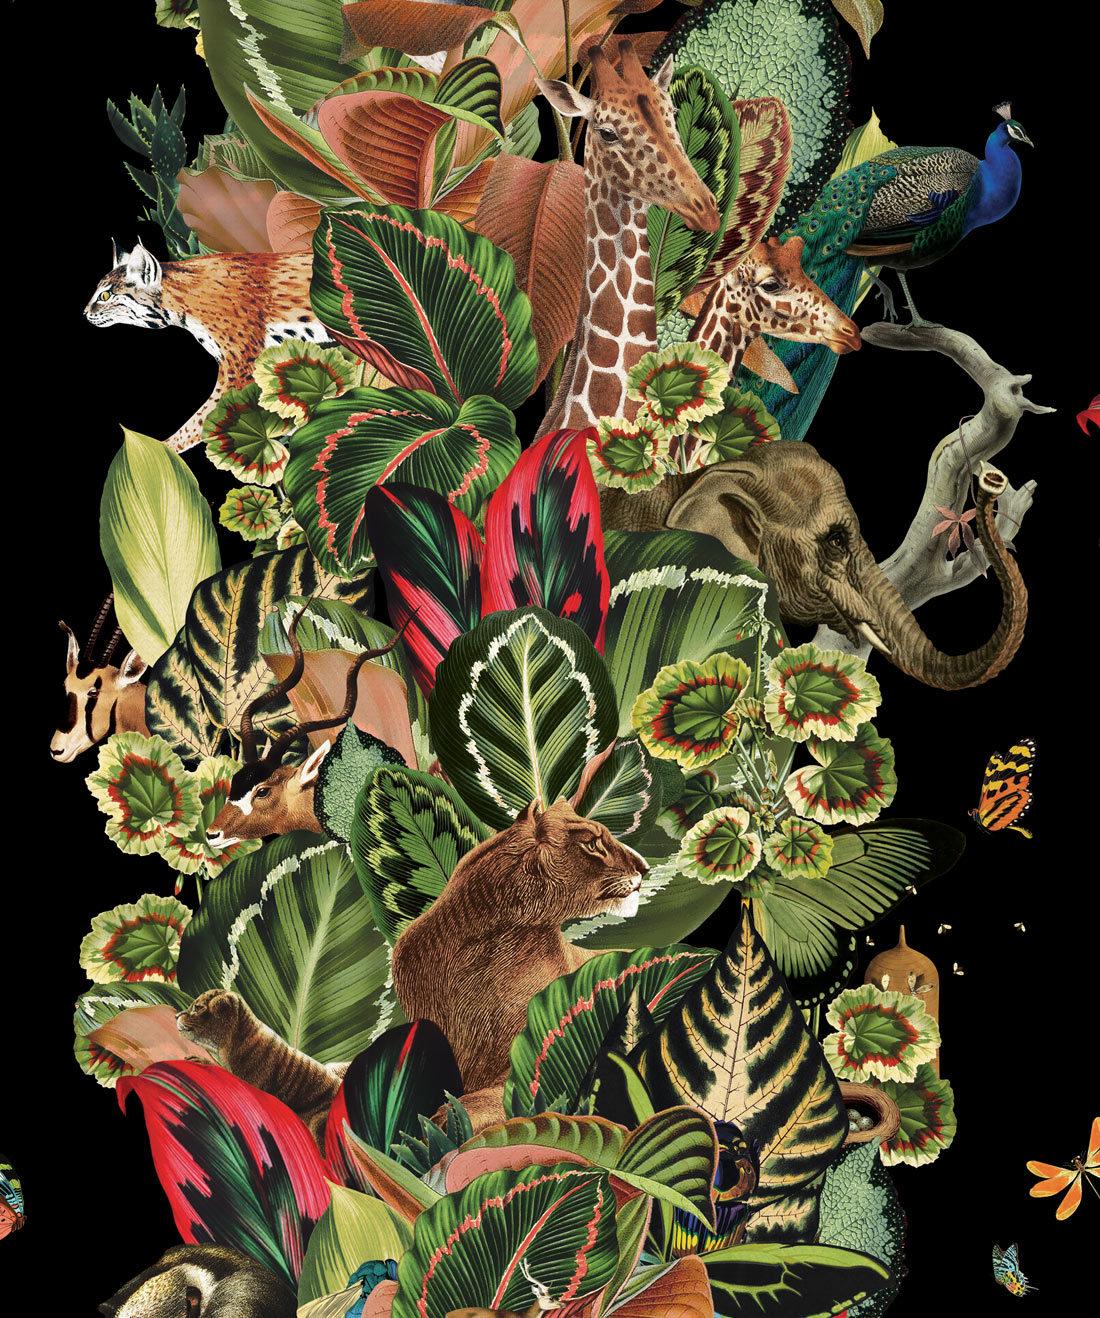 Viva Tropicana, Tropical Wallpaper Black